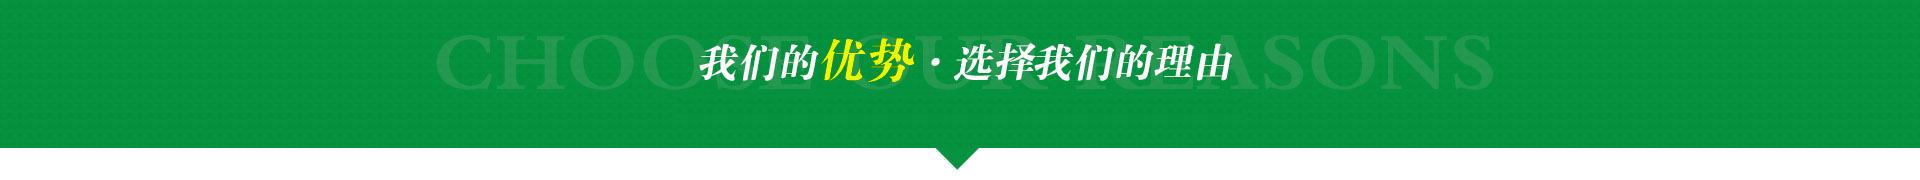 廣東利農印刷包裝有限公司